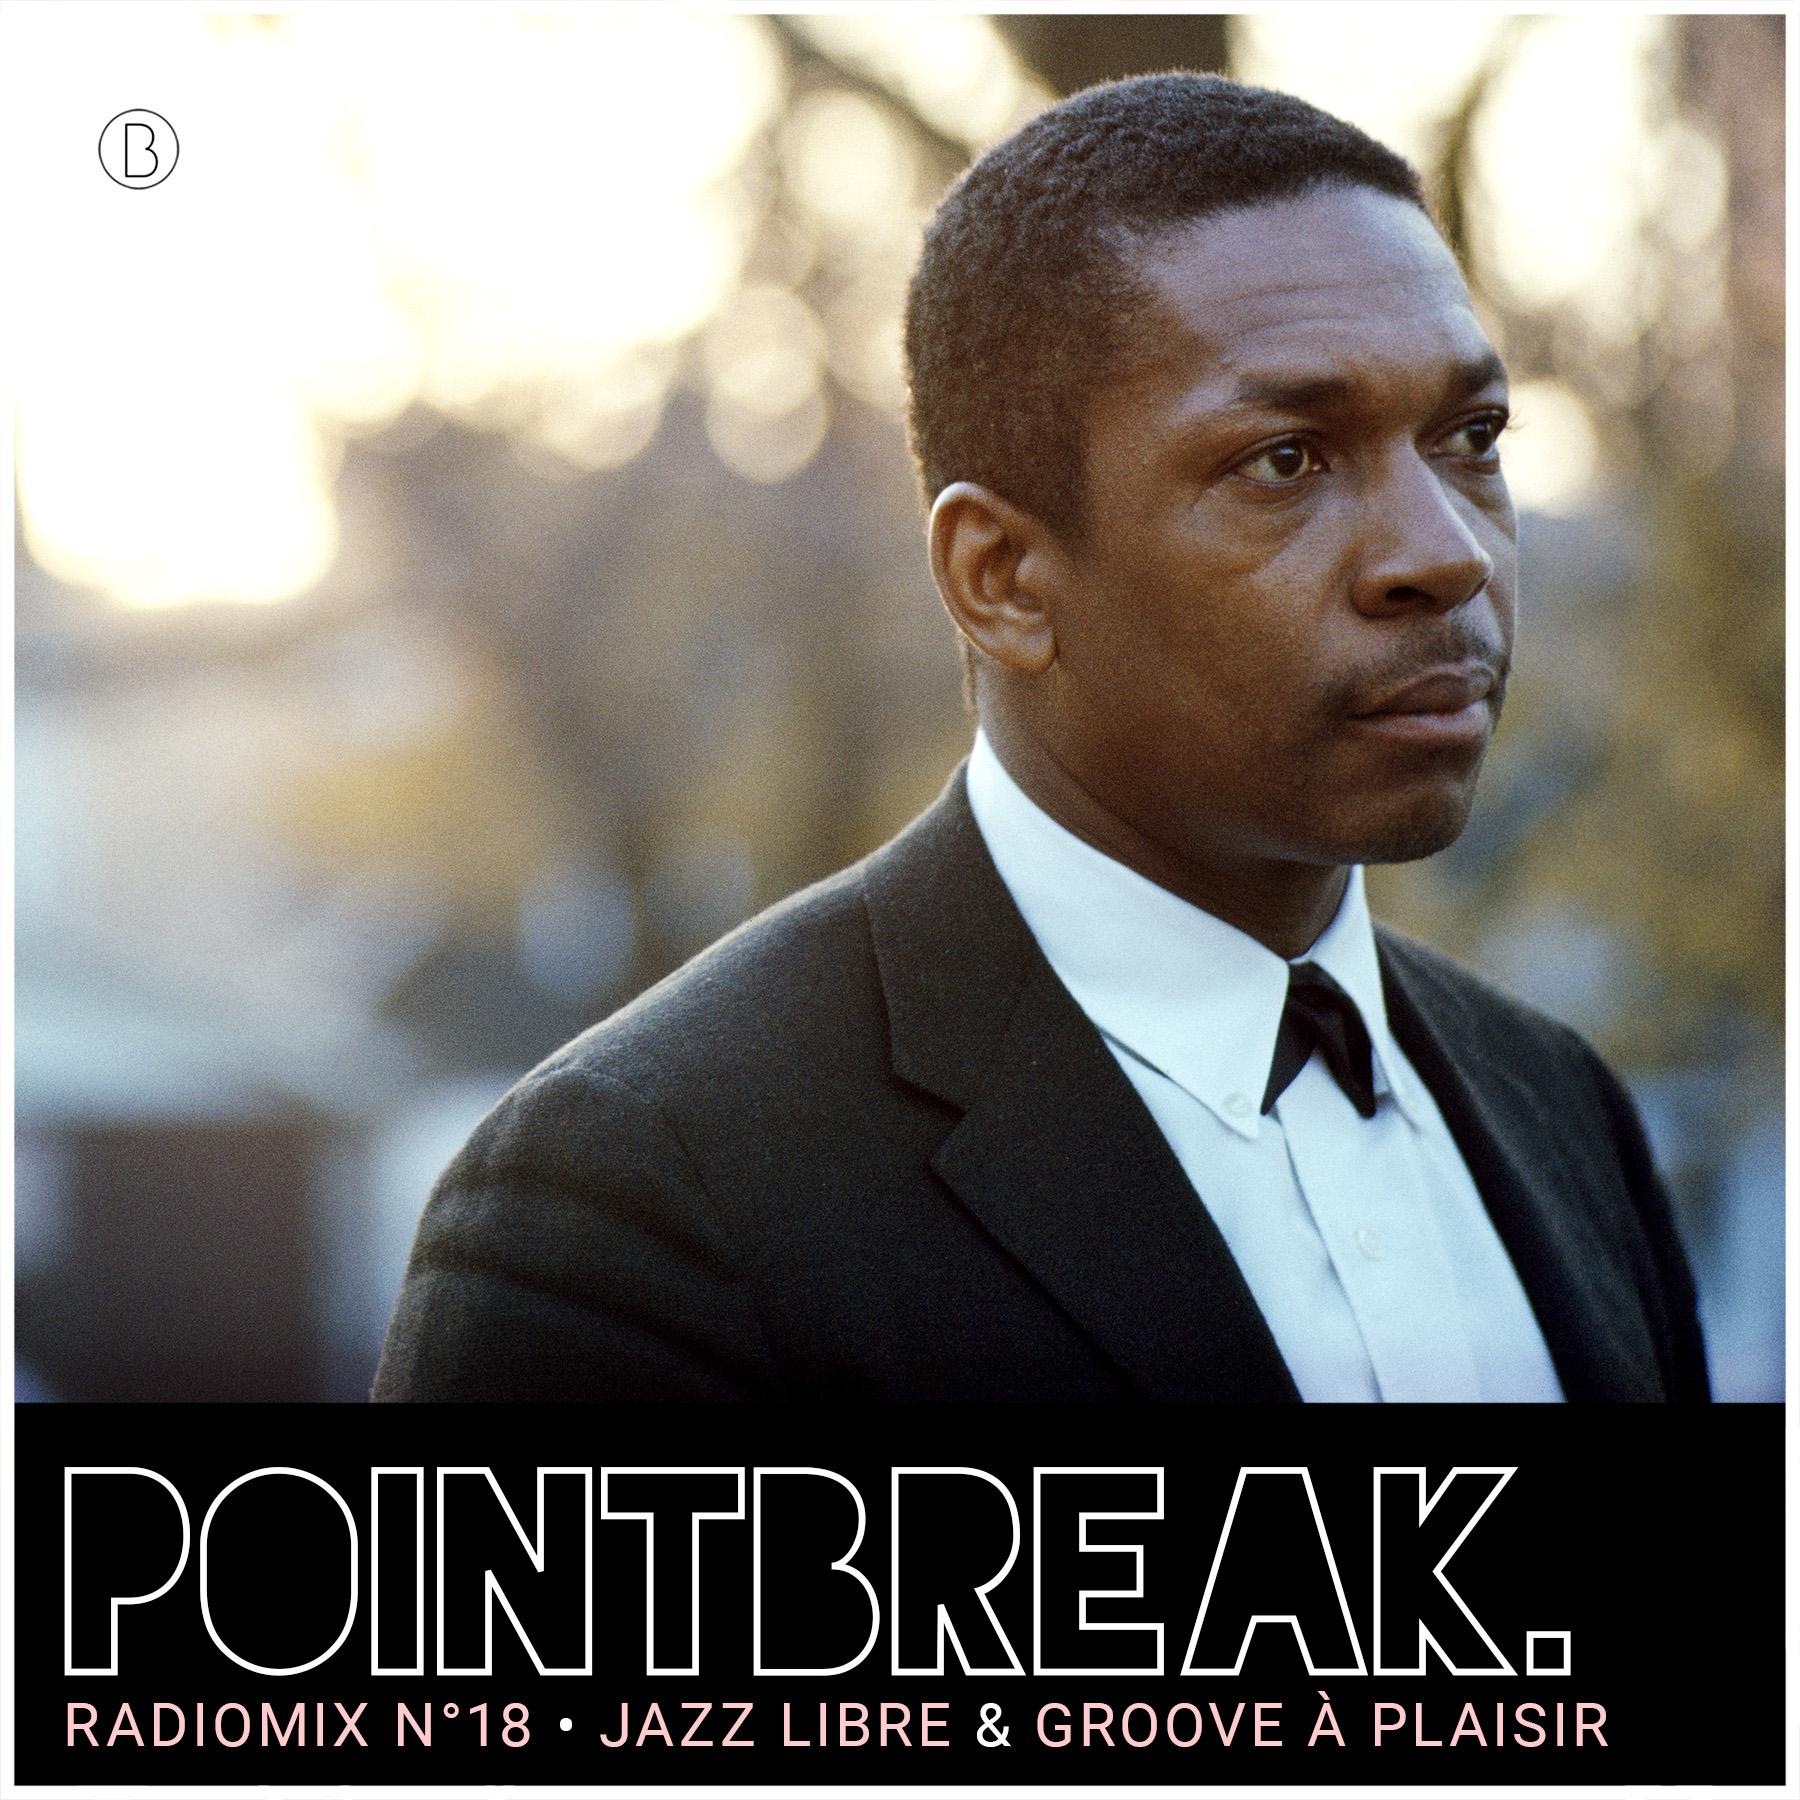 visuel du radiomix 18 spécial Coltrane